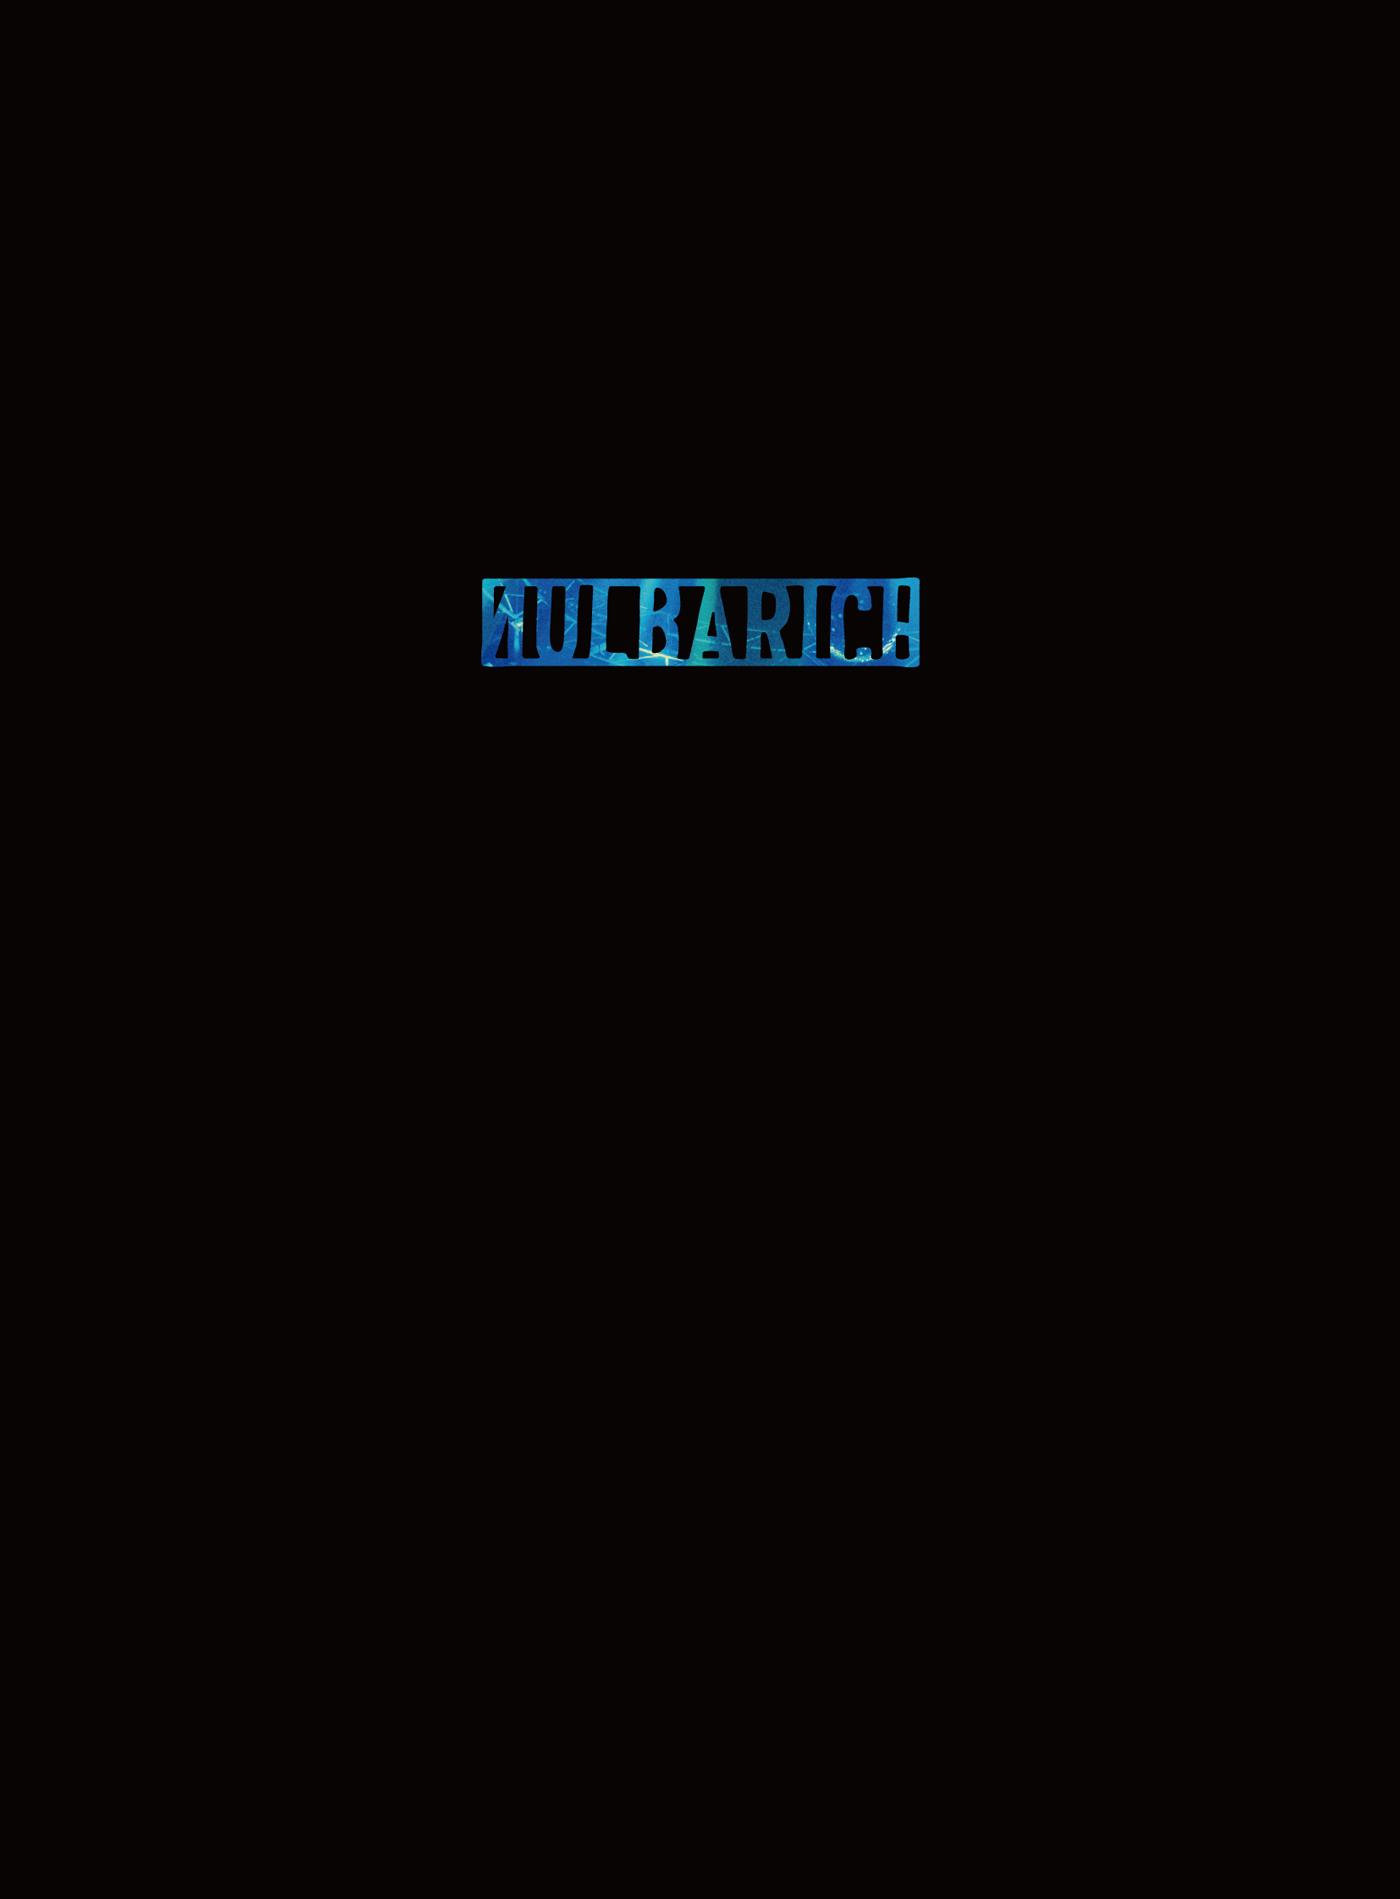 映像作品『Nulbarich ONE MAN LIVE –A STORY-』